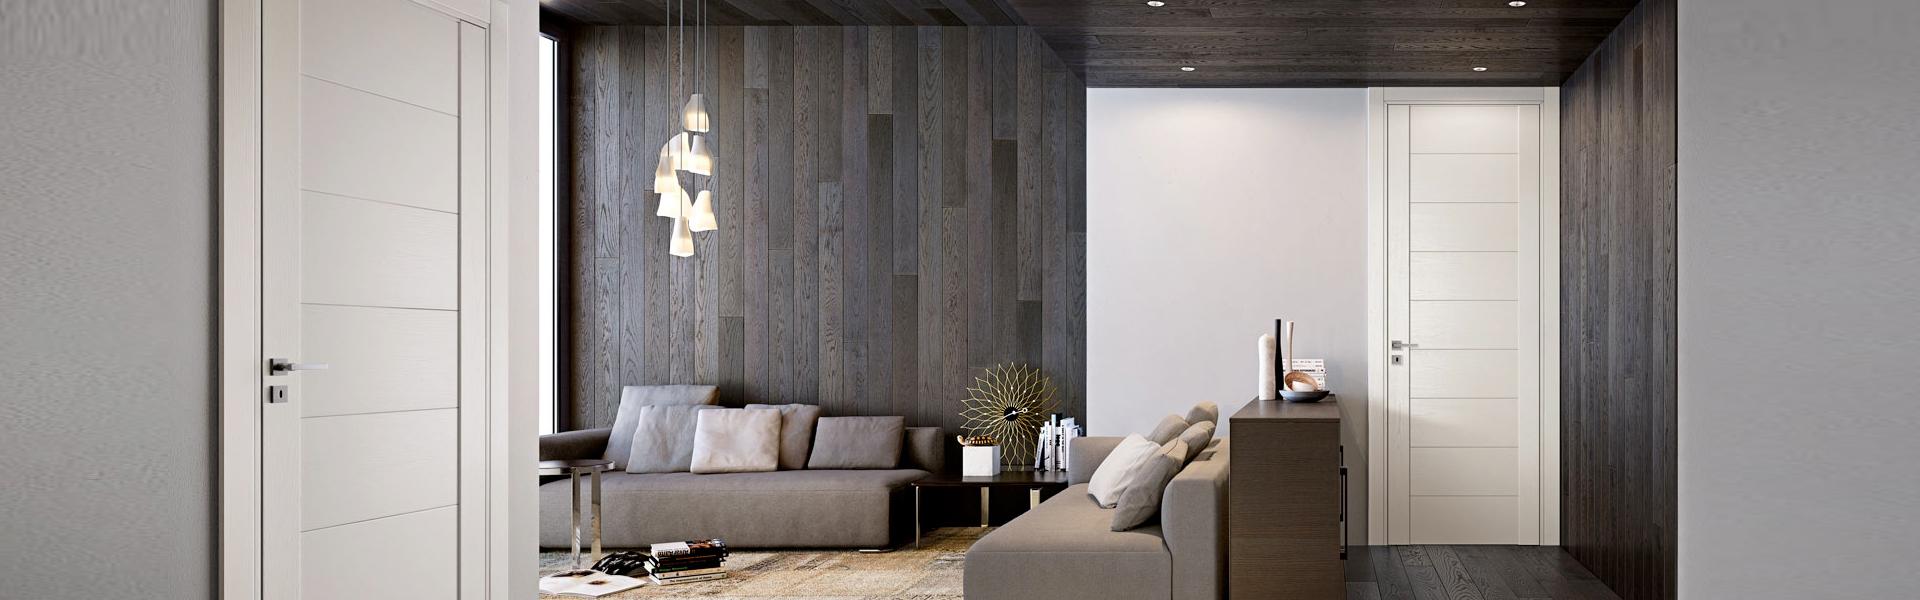 Porte massello per interni antine in legno per cucine salerno finmaster - Porte per cucine ...